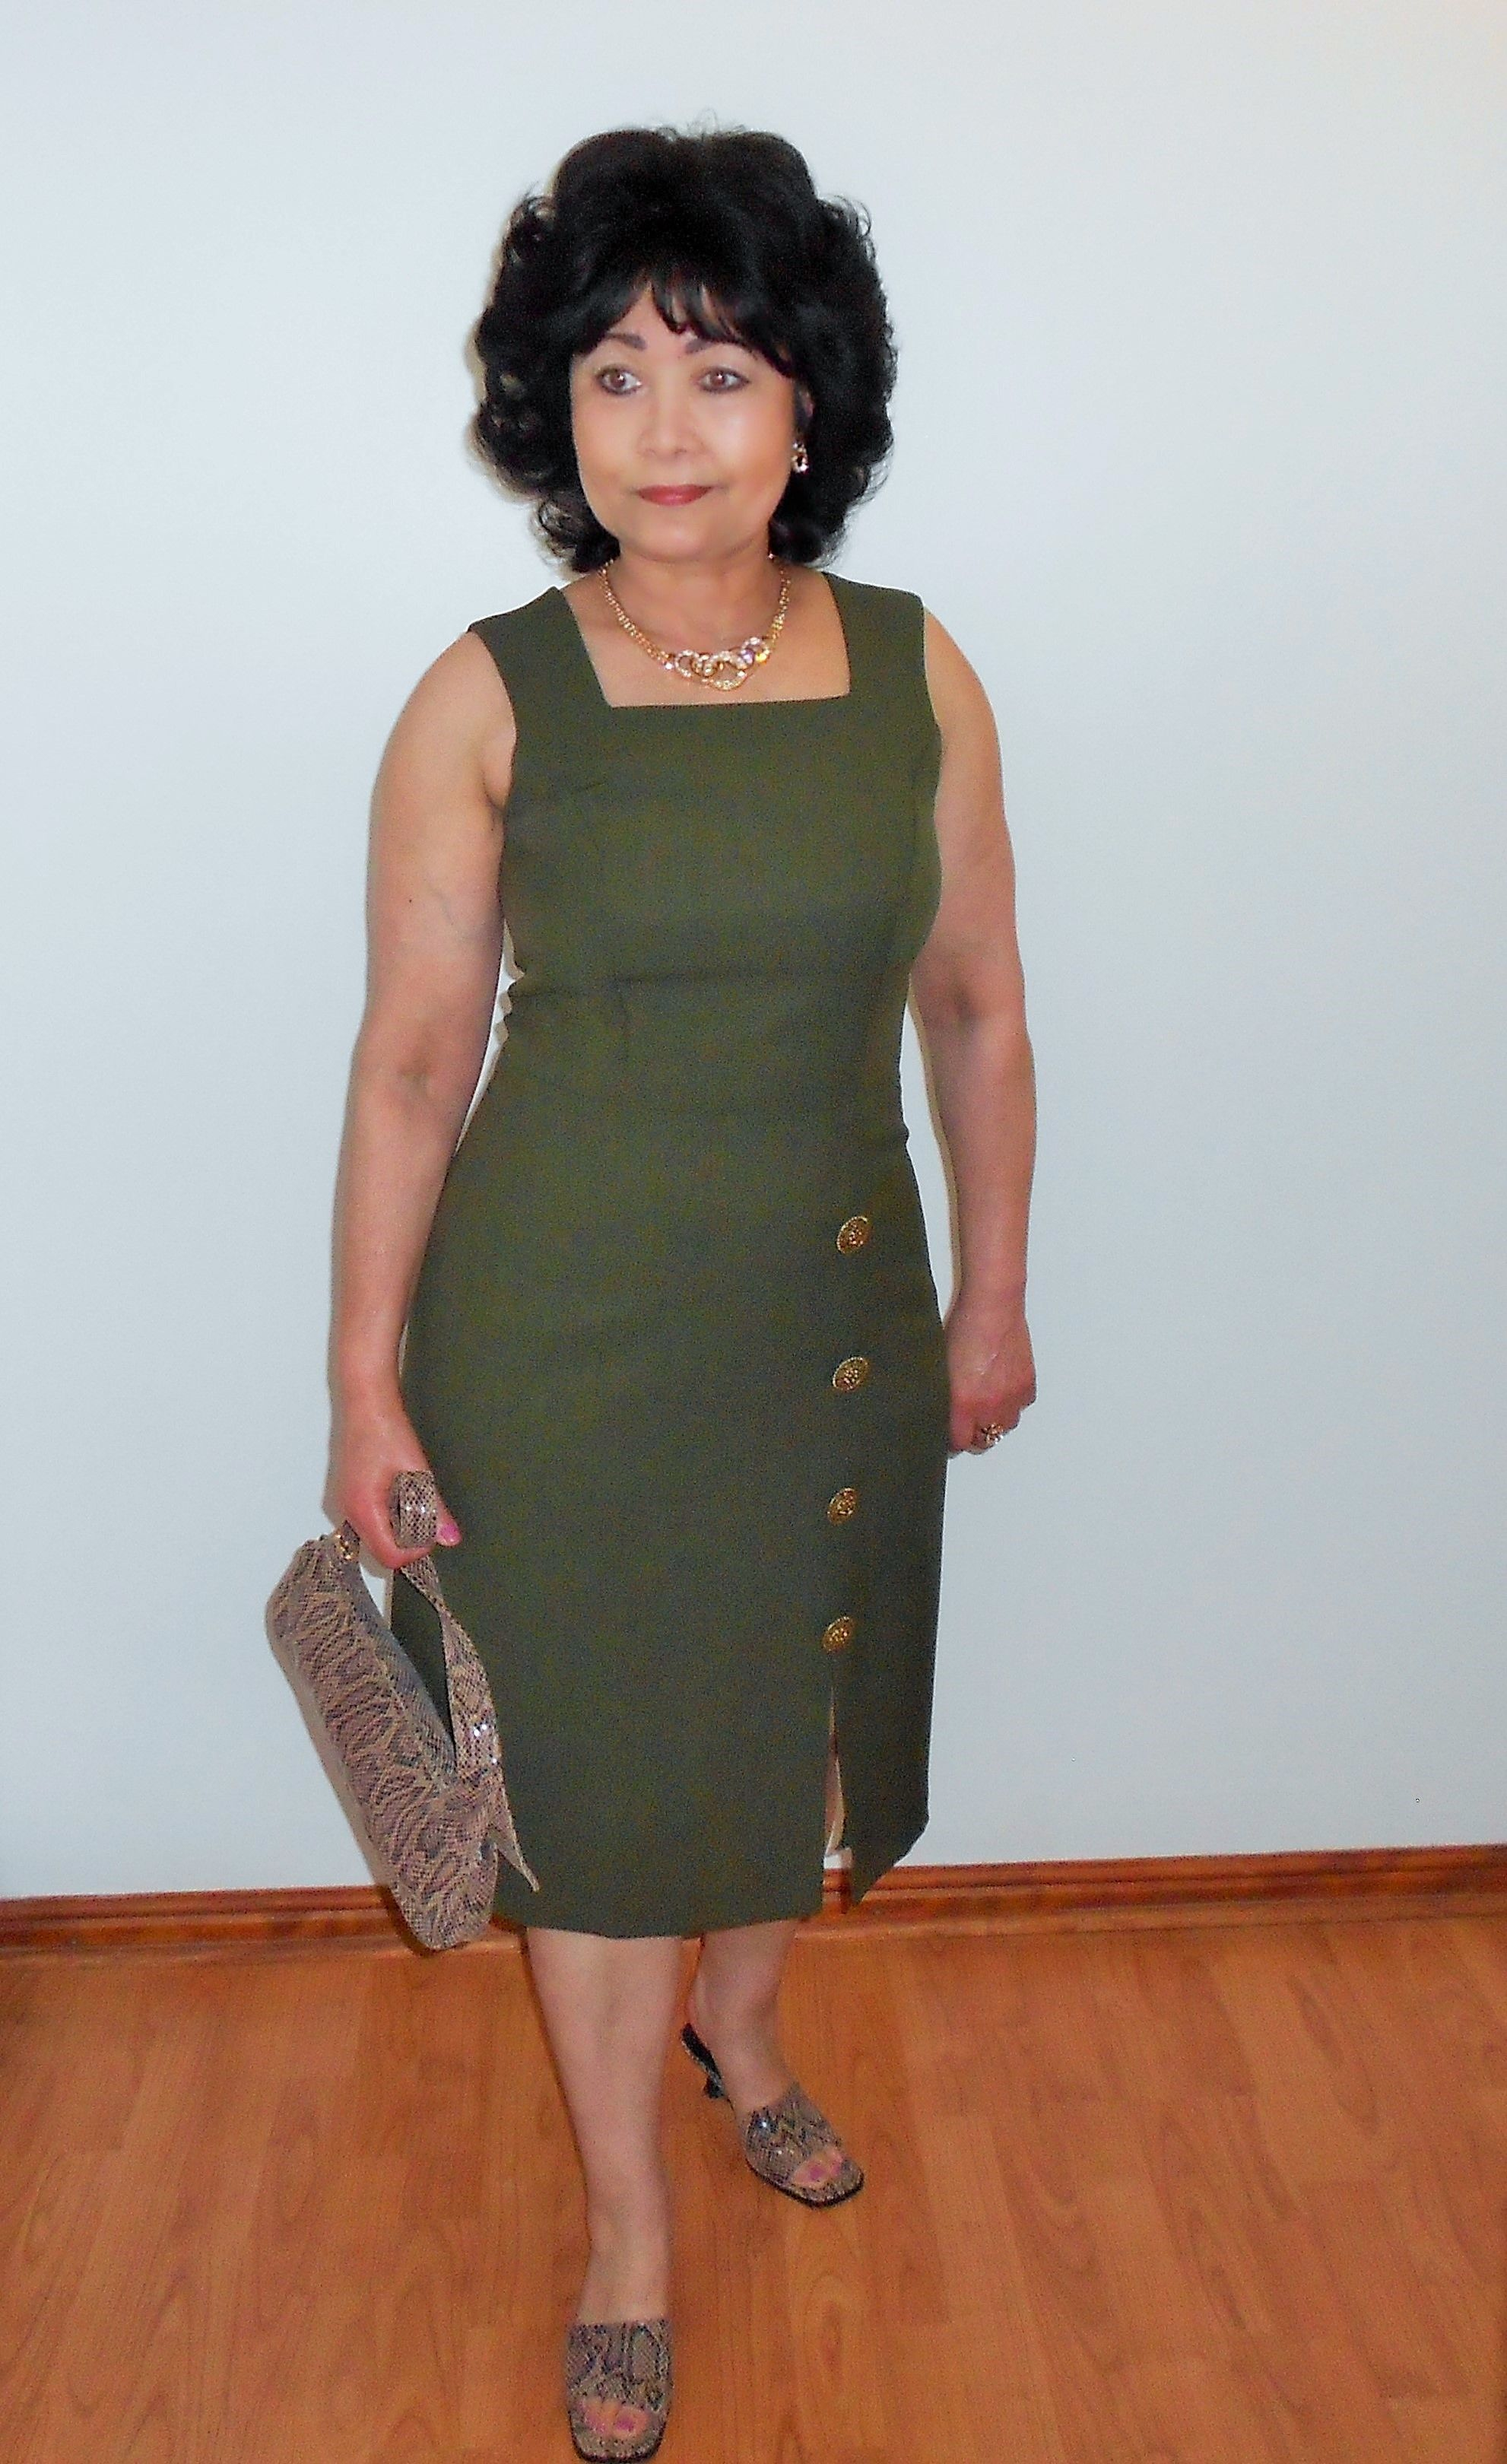 Olive Green Square Neckline Dress Dresses Square Neckline Dress Summer Fashion Dresses [ 3240 x 1982 Pixel ]